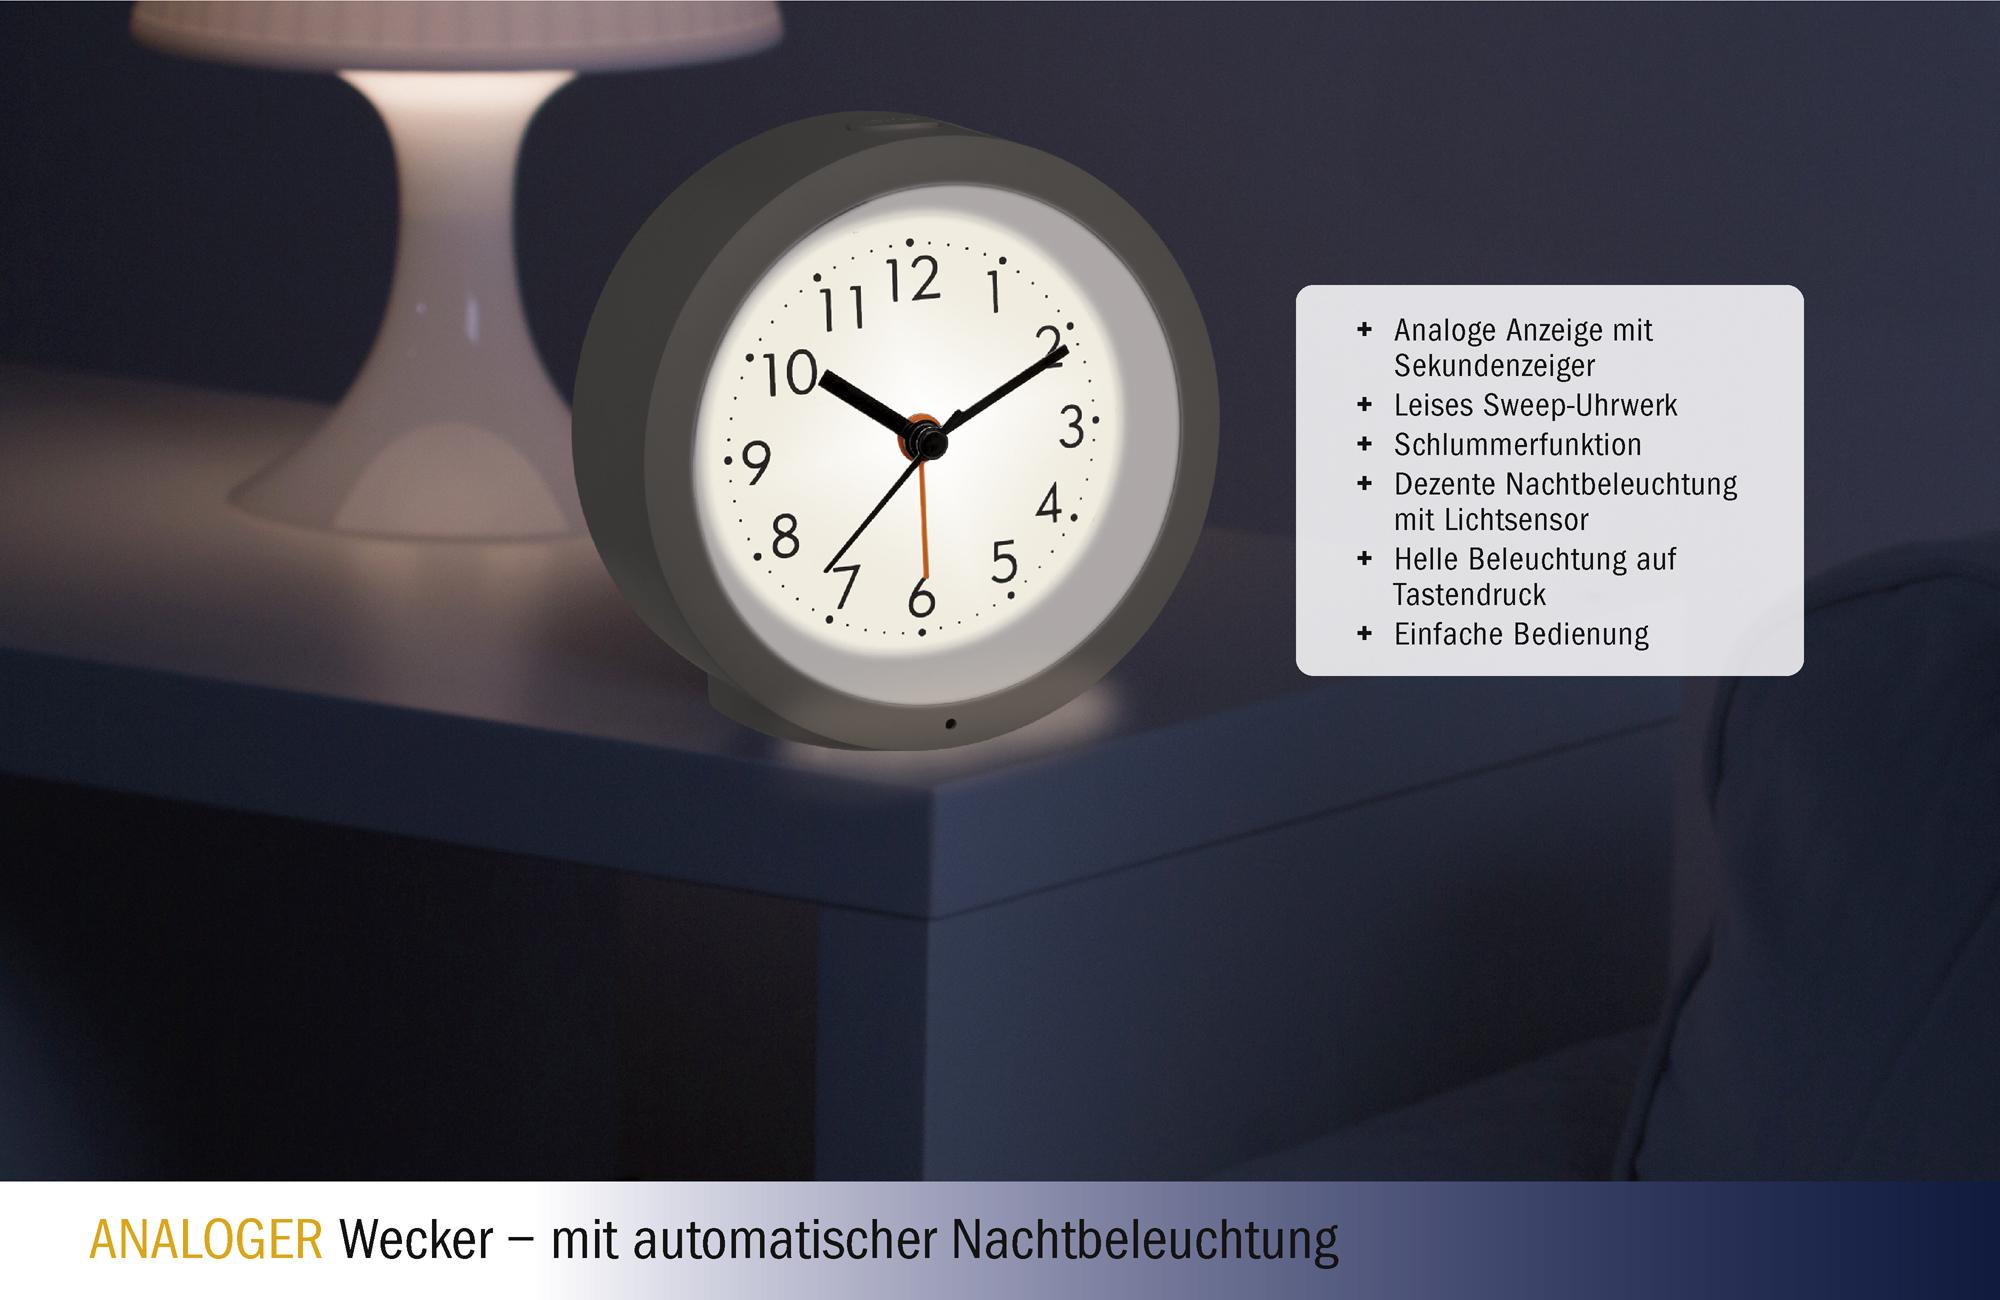 Analoger Wecker_601029_Vorteile.jpg